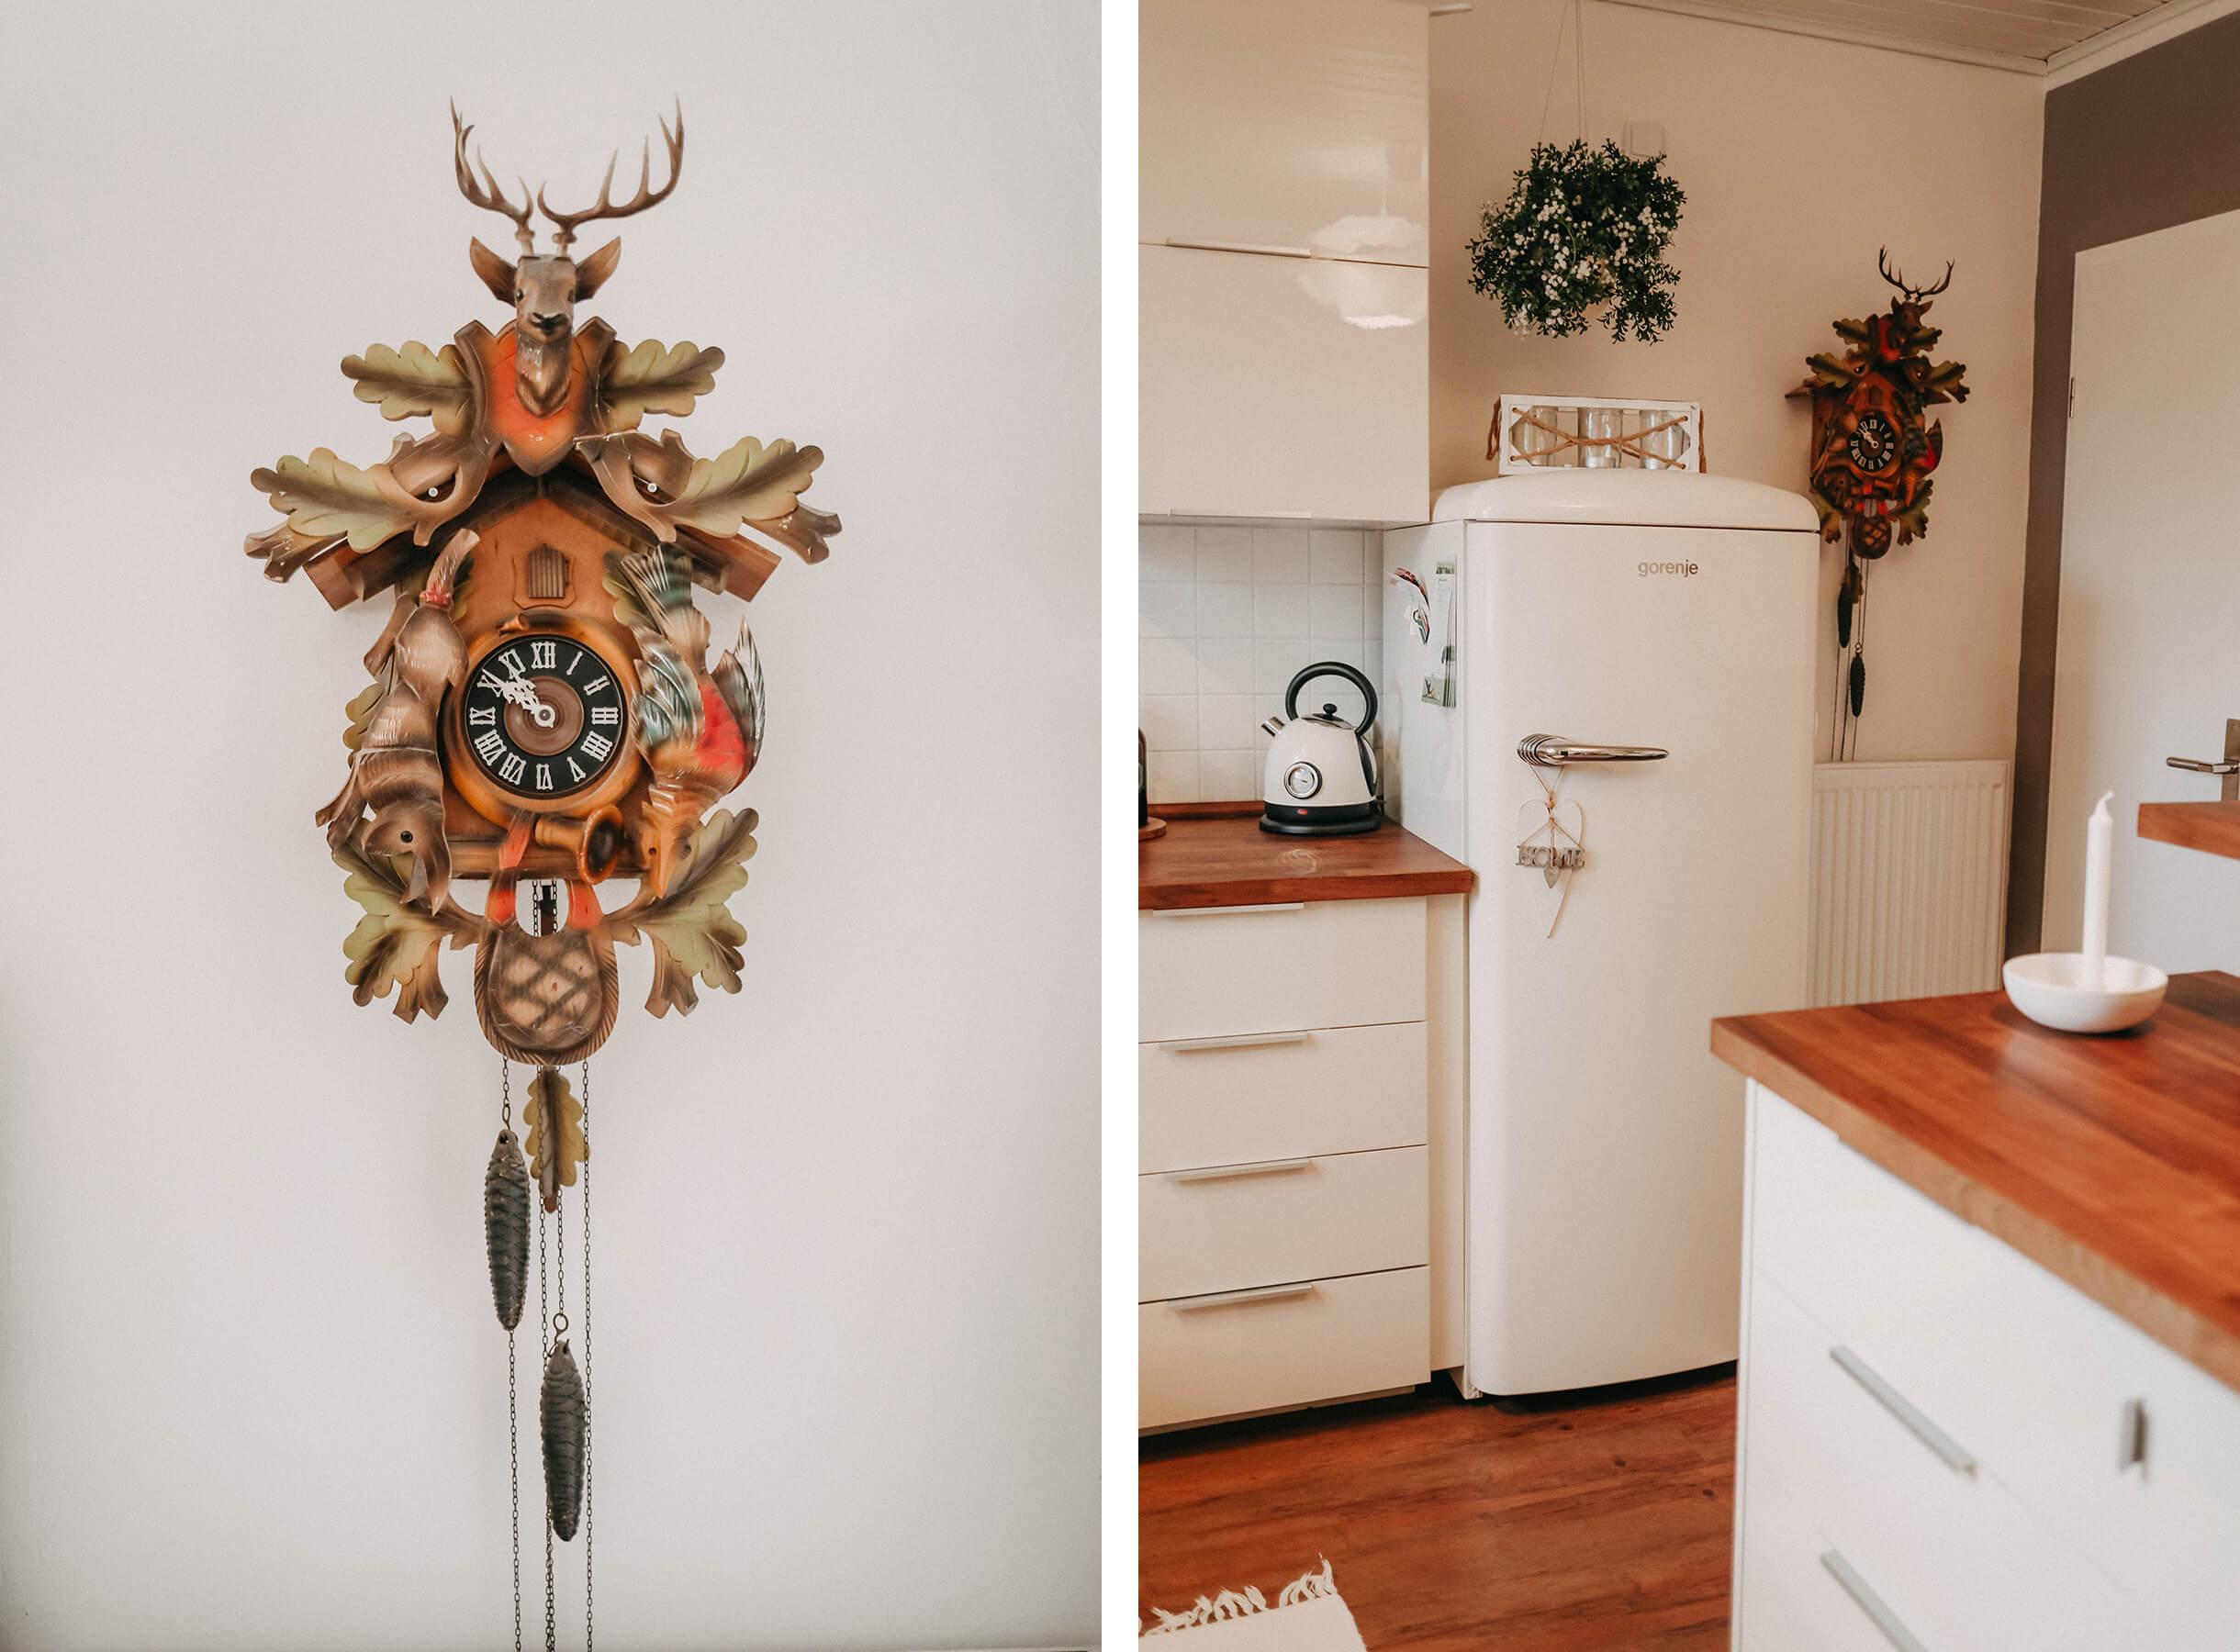 Kuckucksuhr Kühlschrank Küche Collage